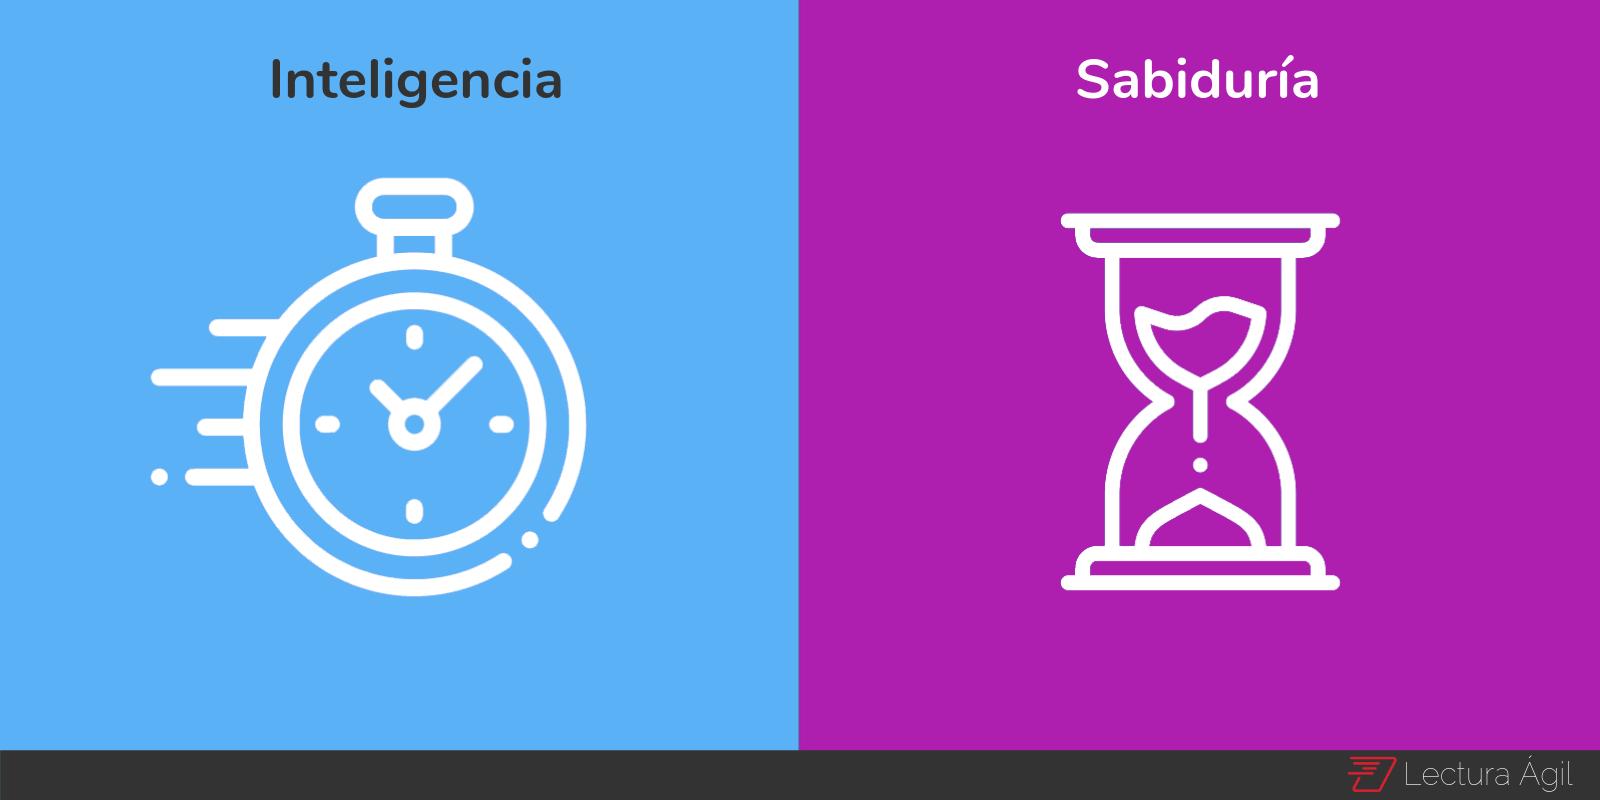 Inteligencia vs Sabiduría, tiempo